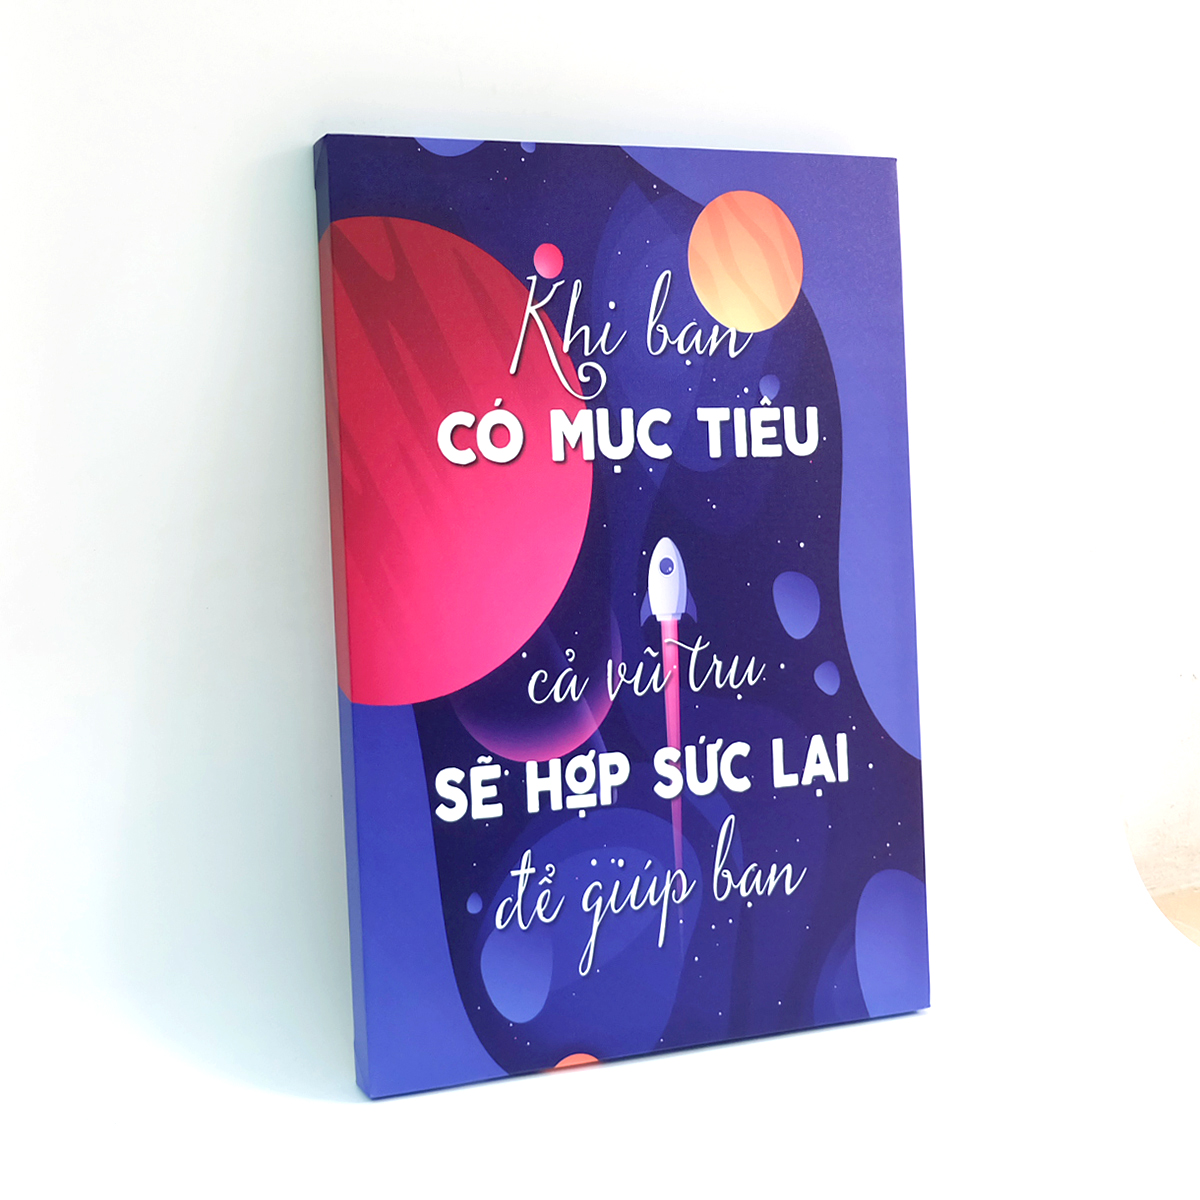 Tranh slogan canvas tạo động lực [trang trí văn phòng] OFV039 Khi bạn có mục tiêu cả vũ trụ sẽ hợp sức lại để giúp bạn  Cocopic